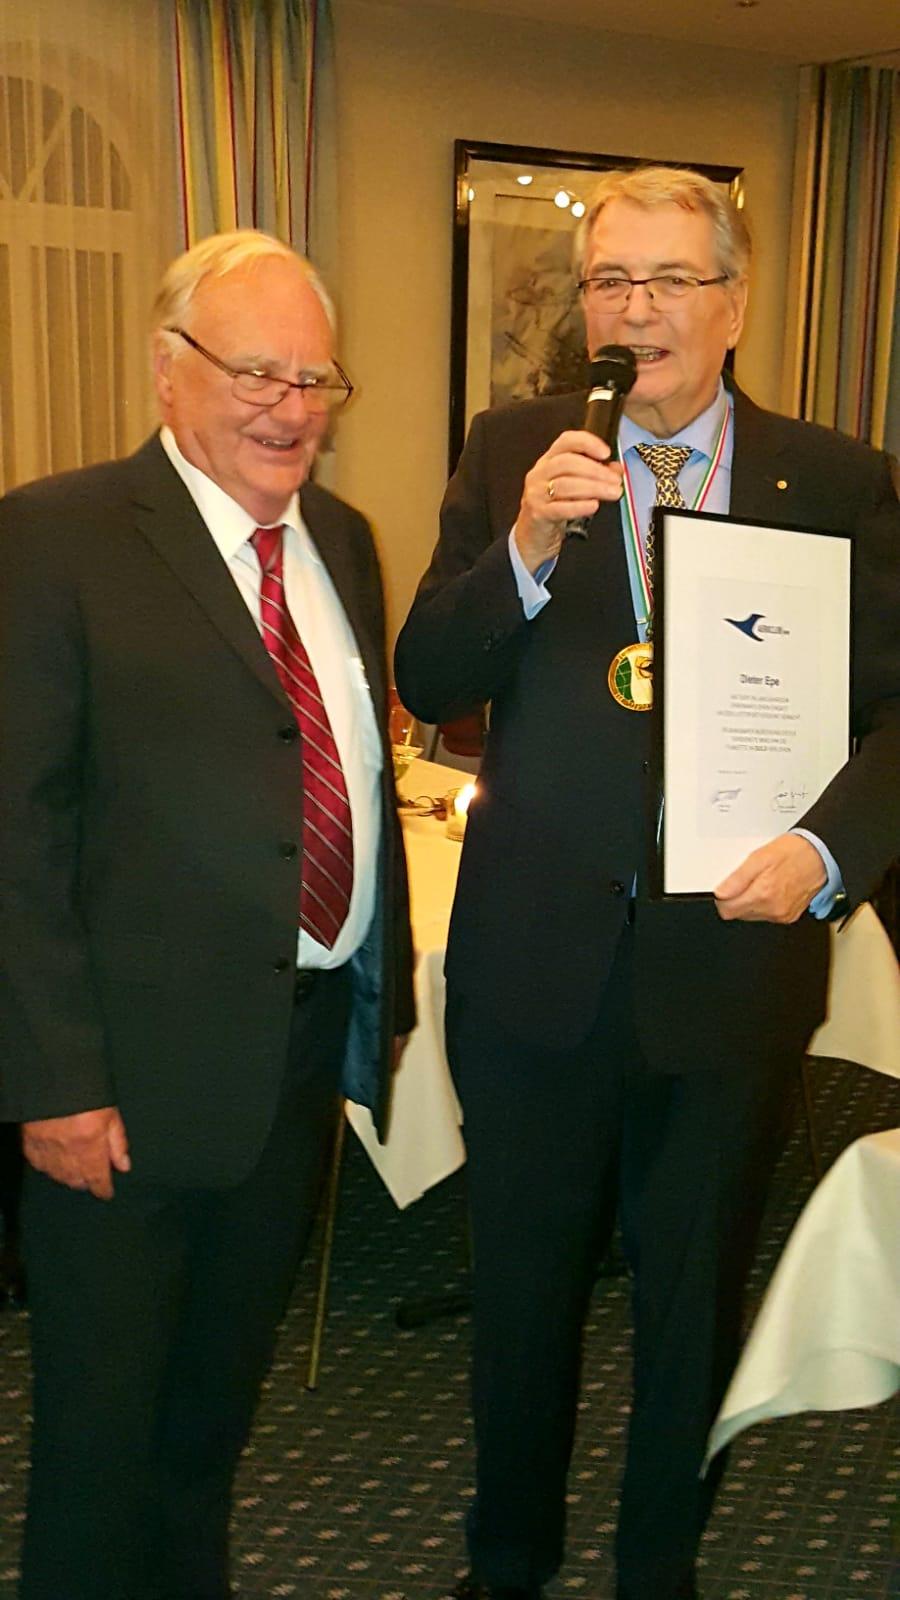 Goldene Auszeichnung für Dieter Epe